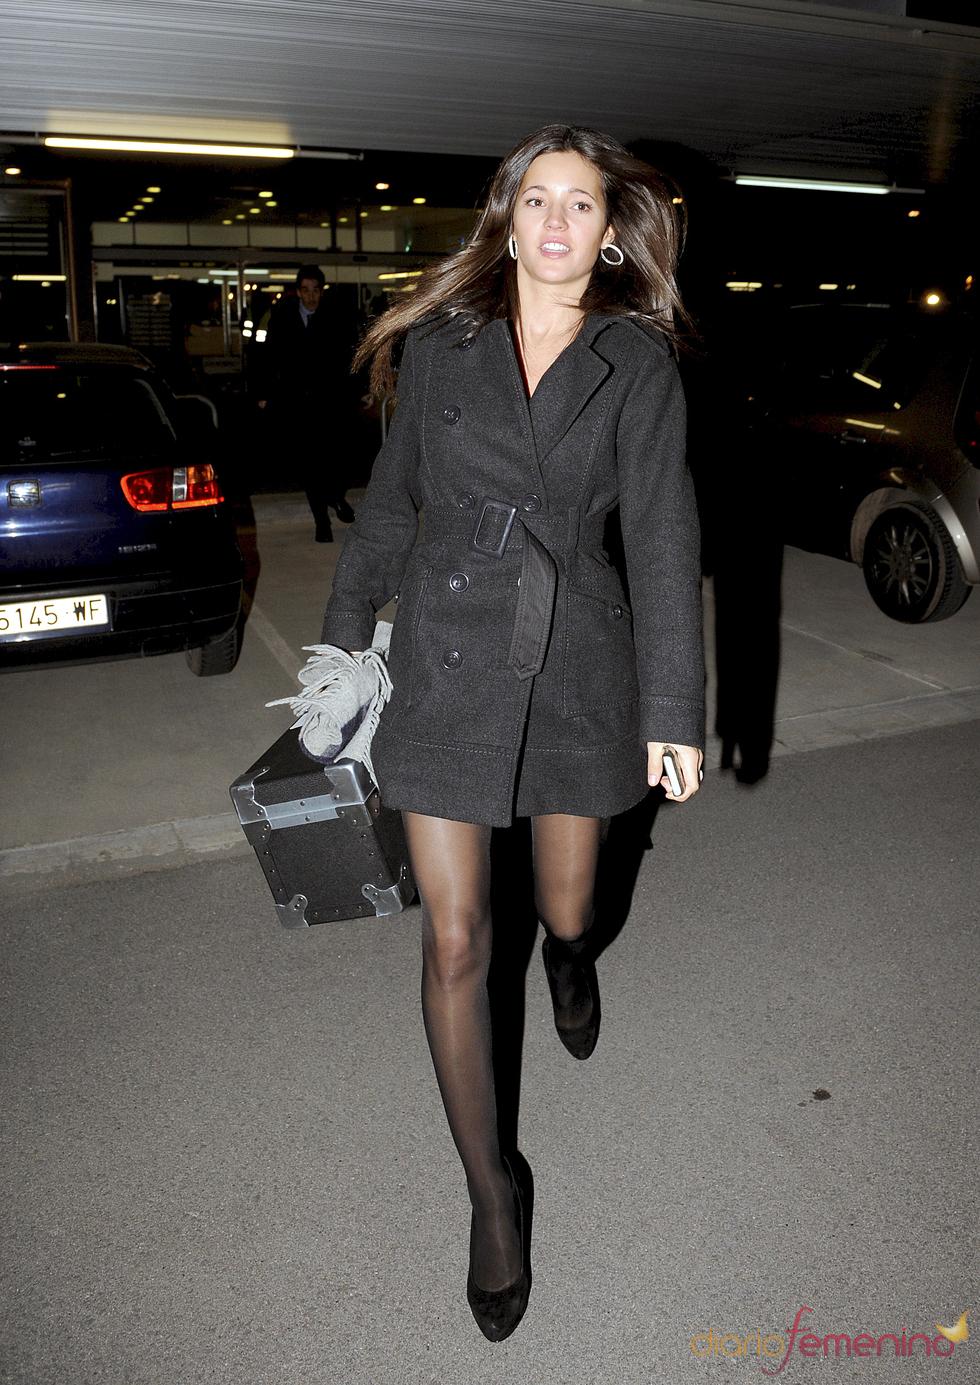 Malena Costa, novia de Carles Puyol, a su vuelta de la gala FIFA Balón de Oro 2010